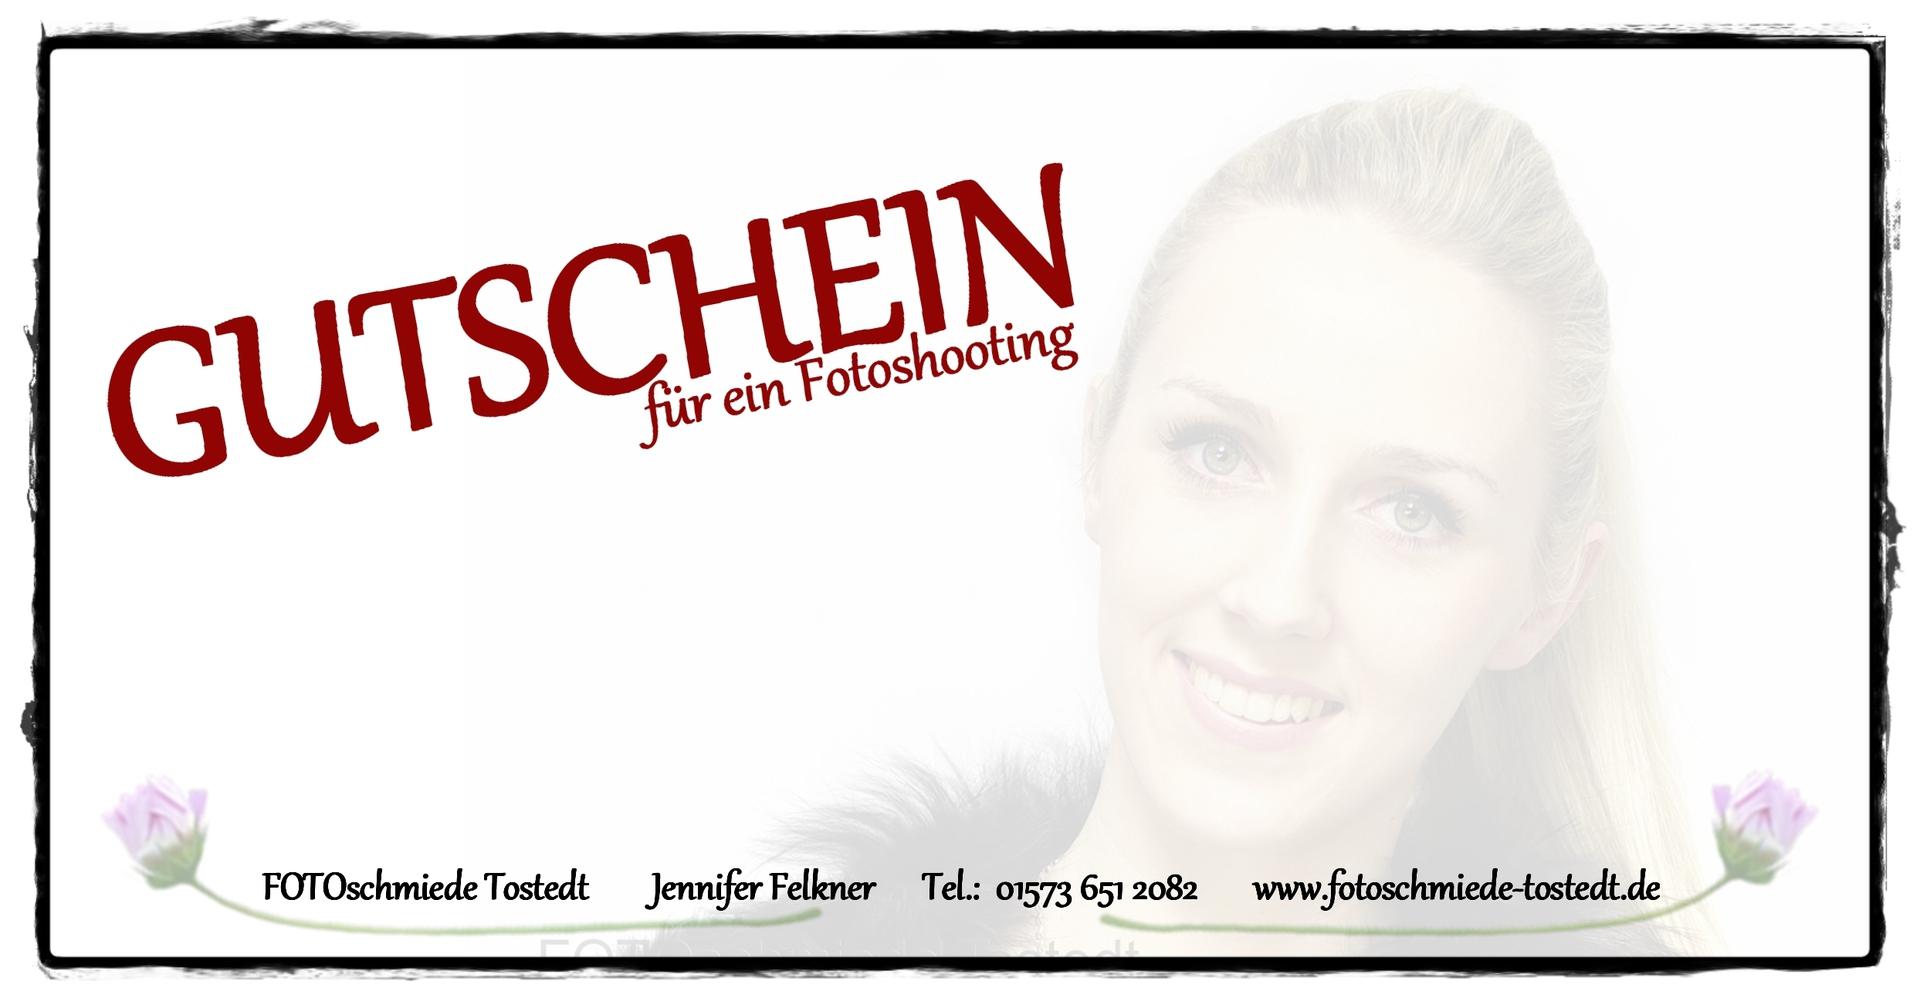 FOTOschmiede Tostedt_Gutschein